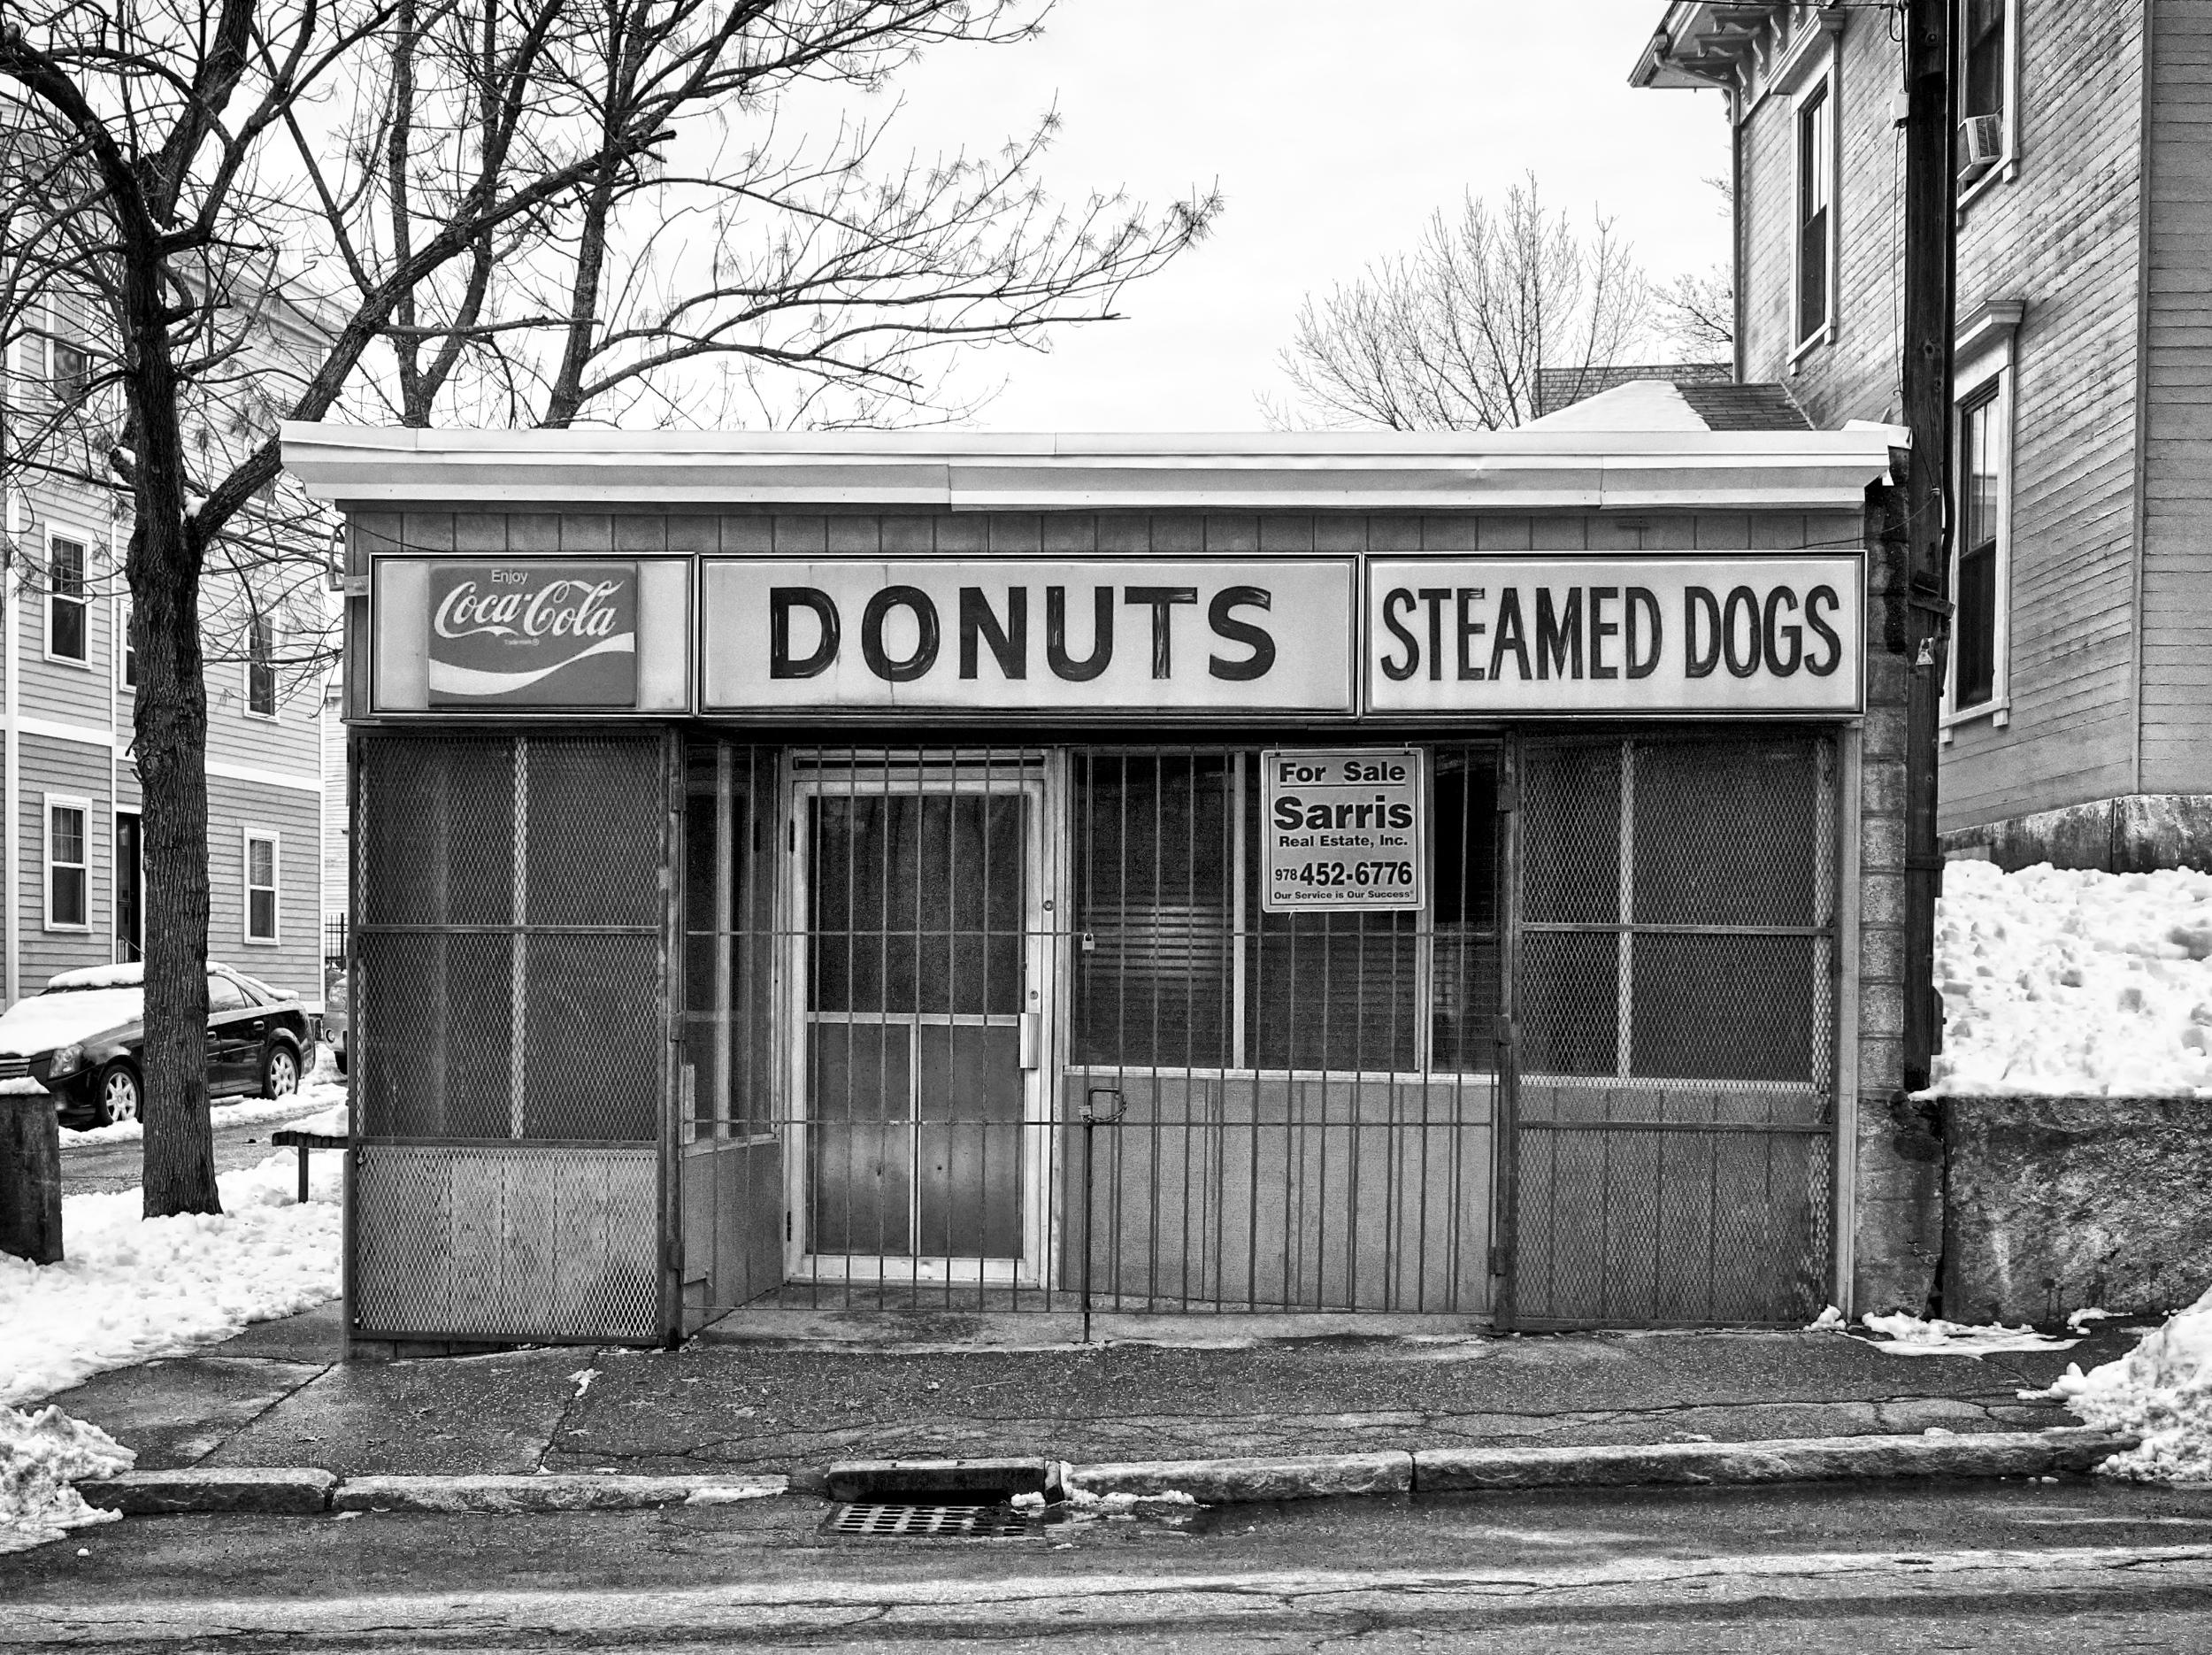 DonutsBandW_HDR.jpg